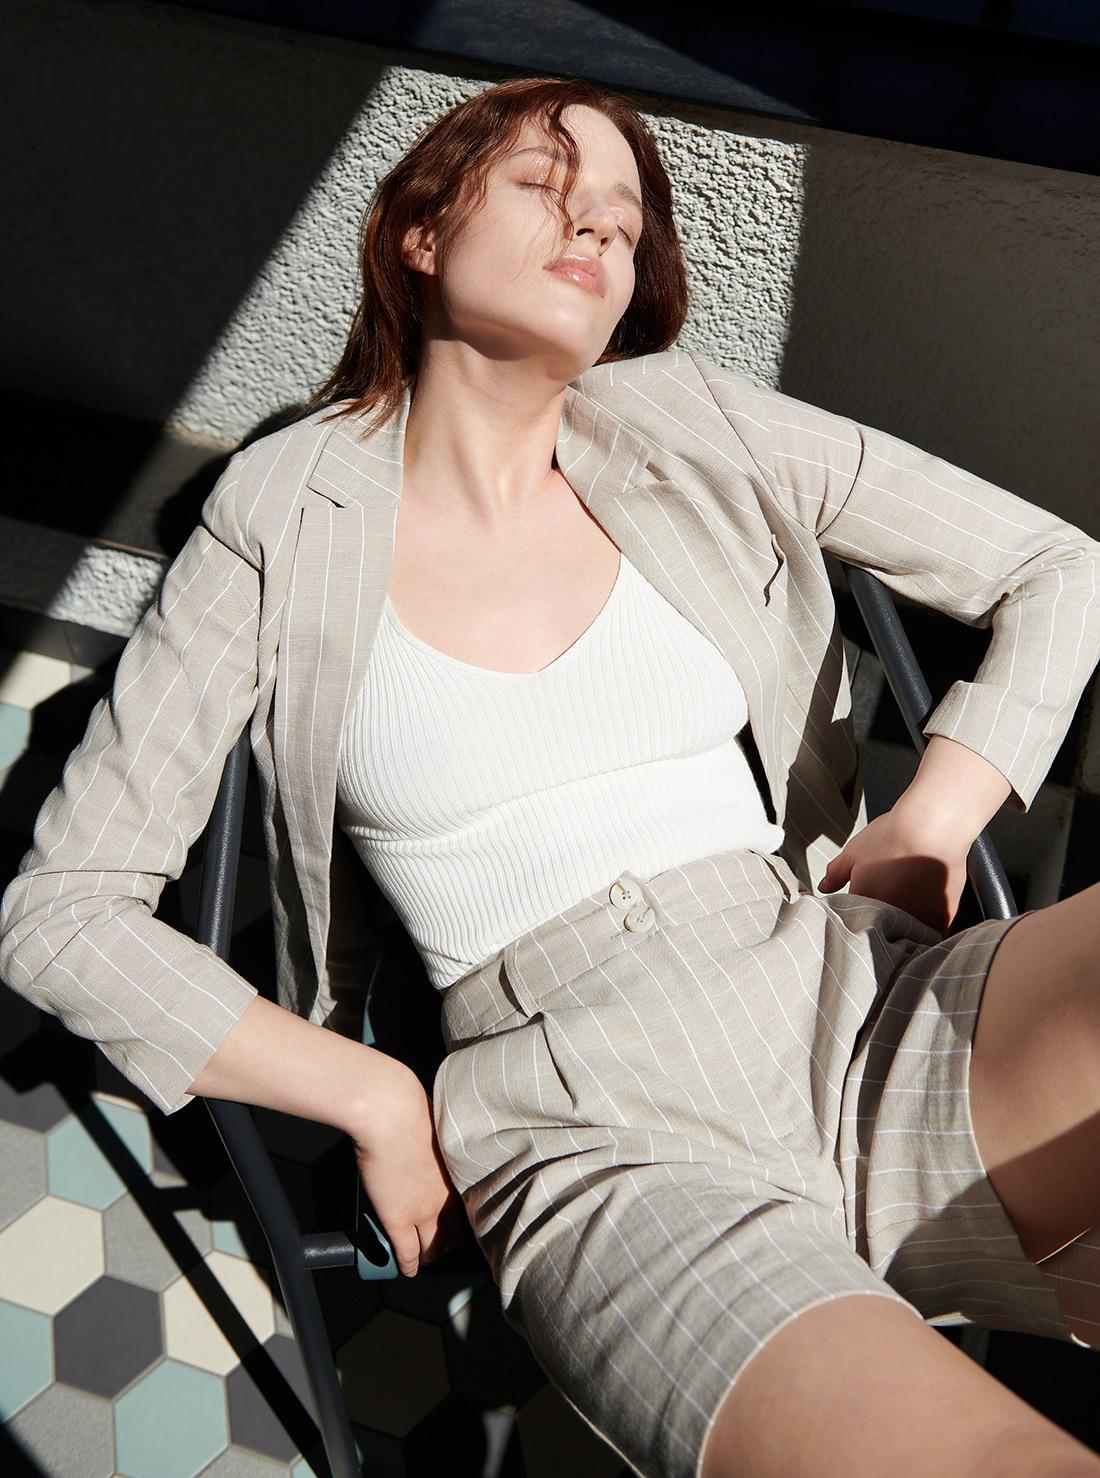 poslovna odjeća ženska moda ljeto 2020 reserved